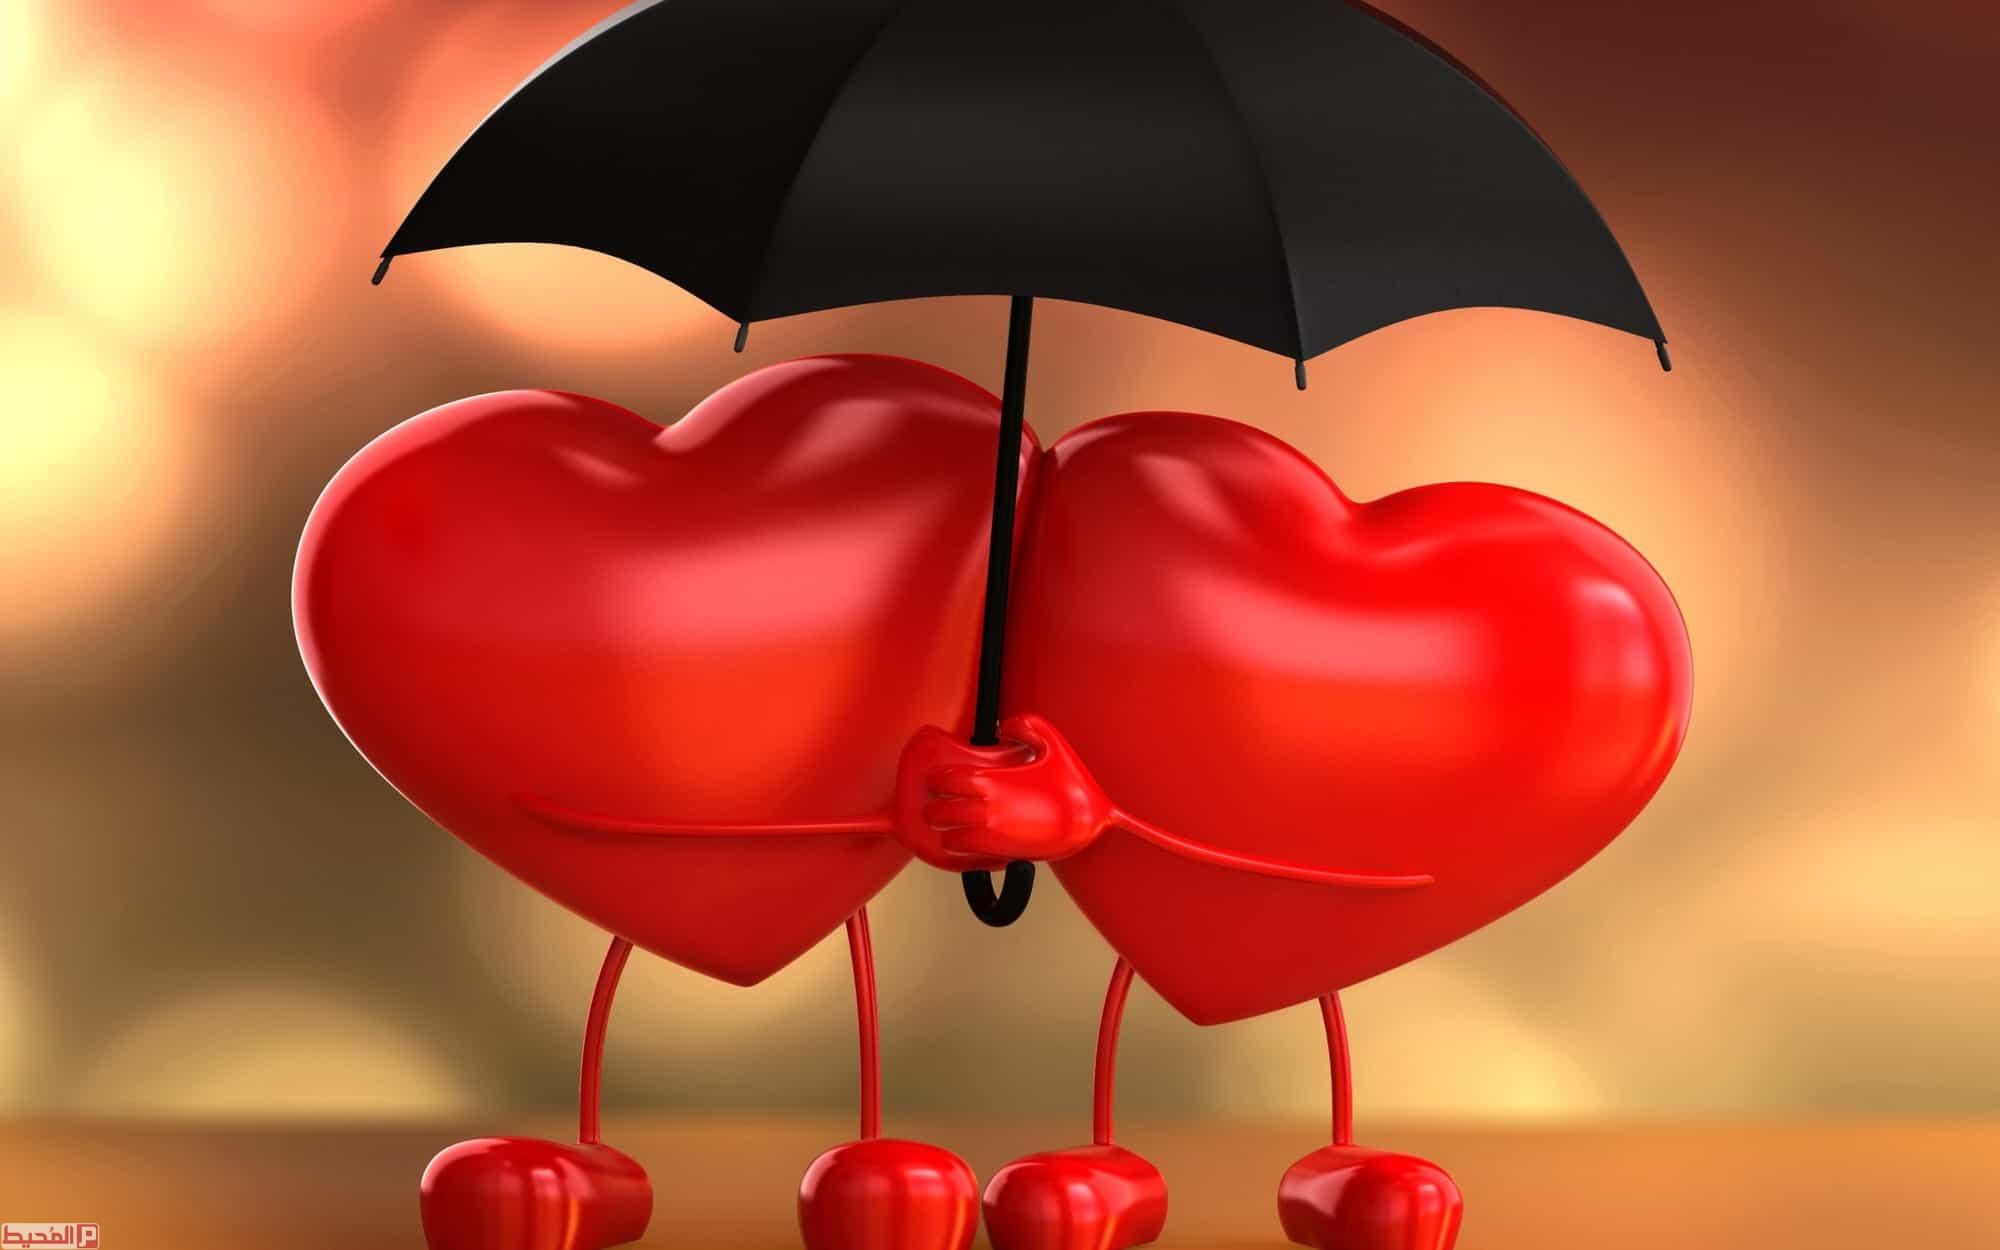 صور حب ورومانسية 14